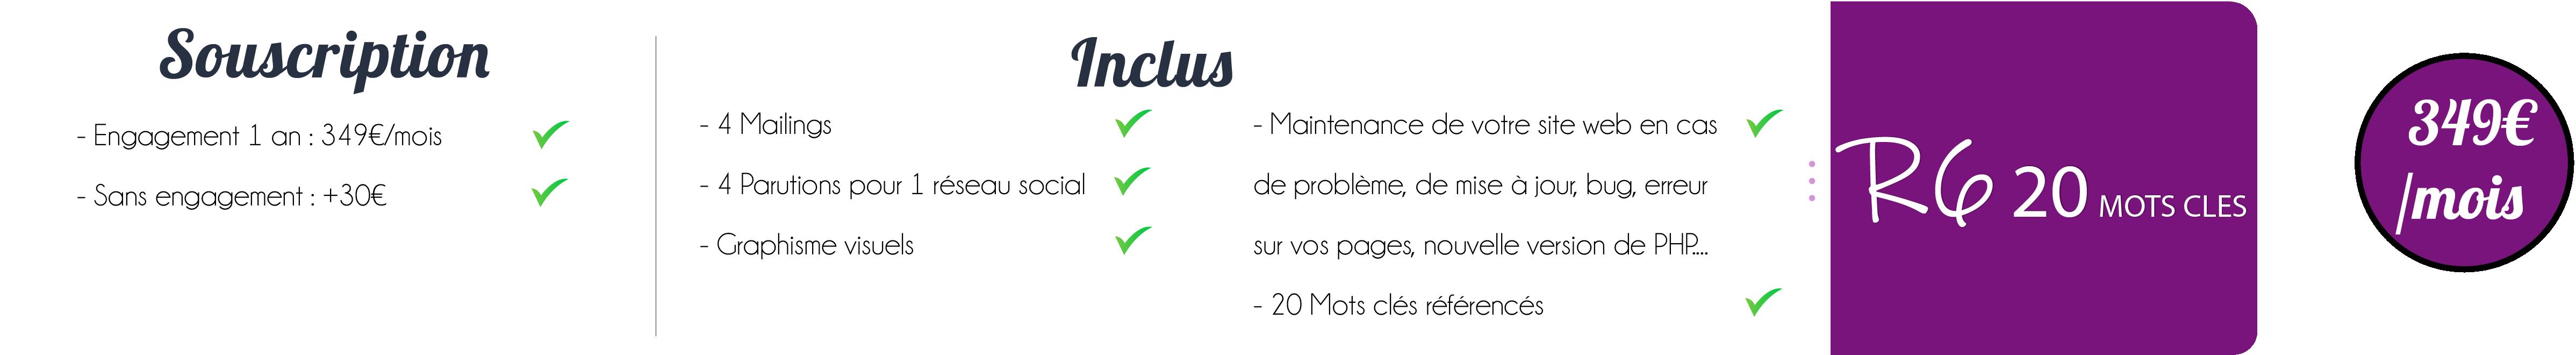 agence-de-site-web-maintenance-sur-marseille-roquevaire-ajaccio